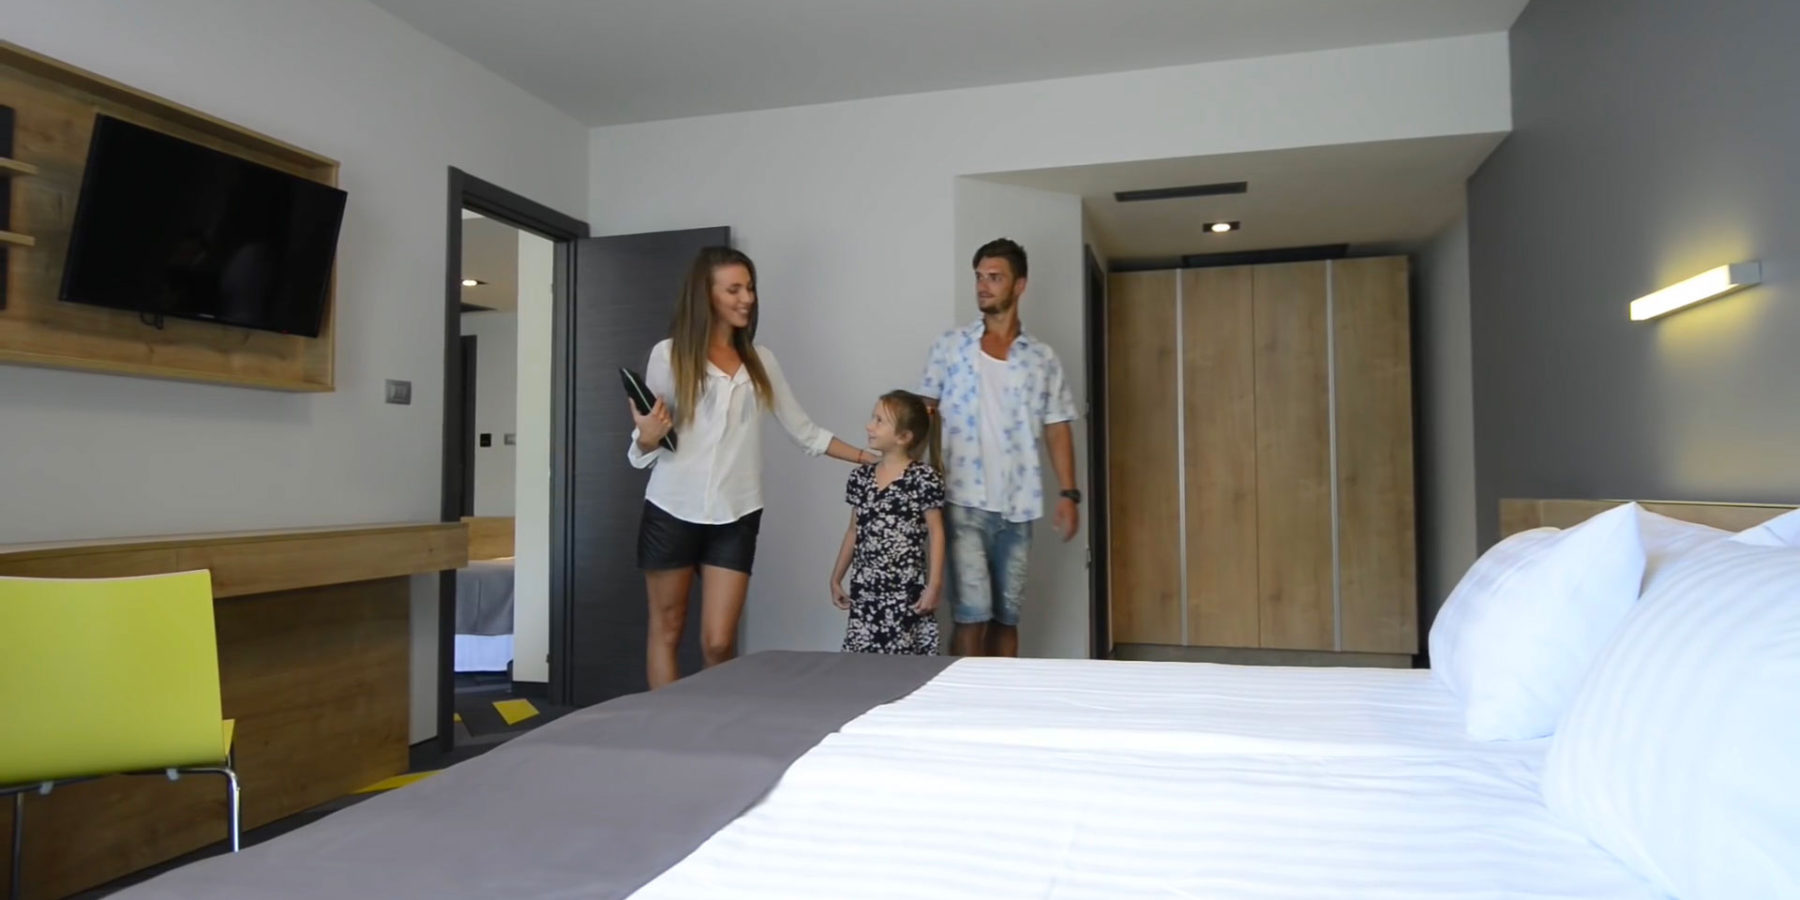 Family Room HVD Club Bor